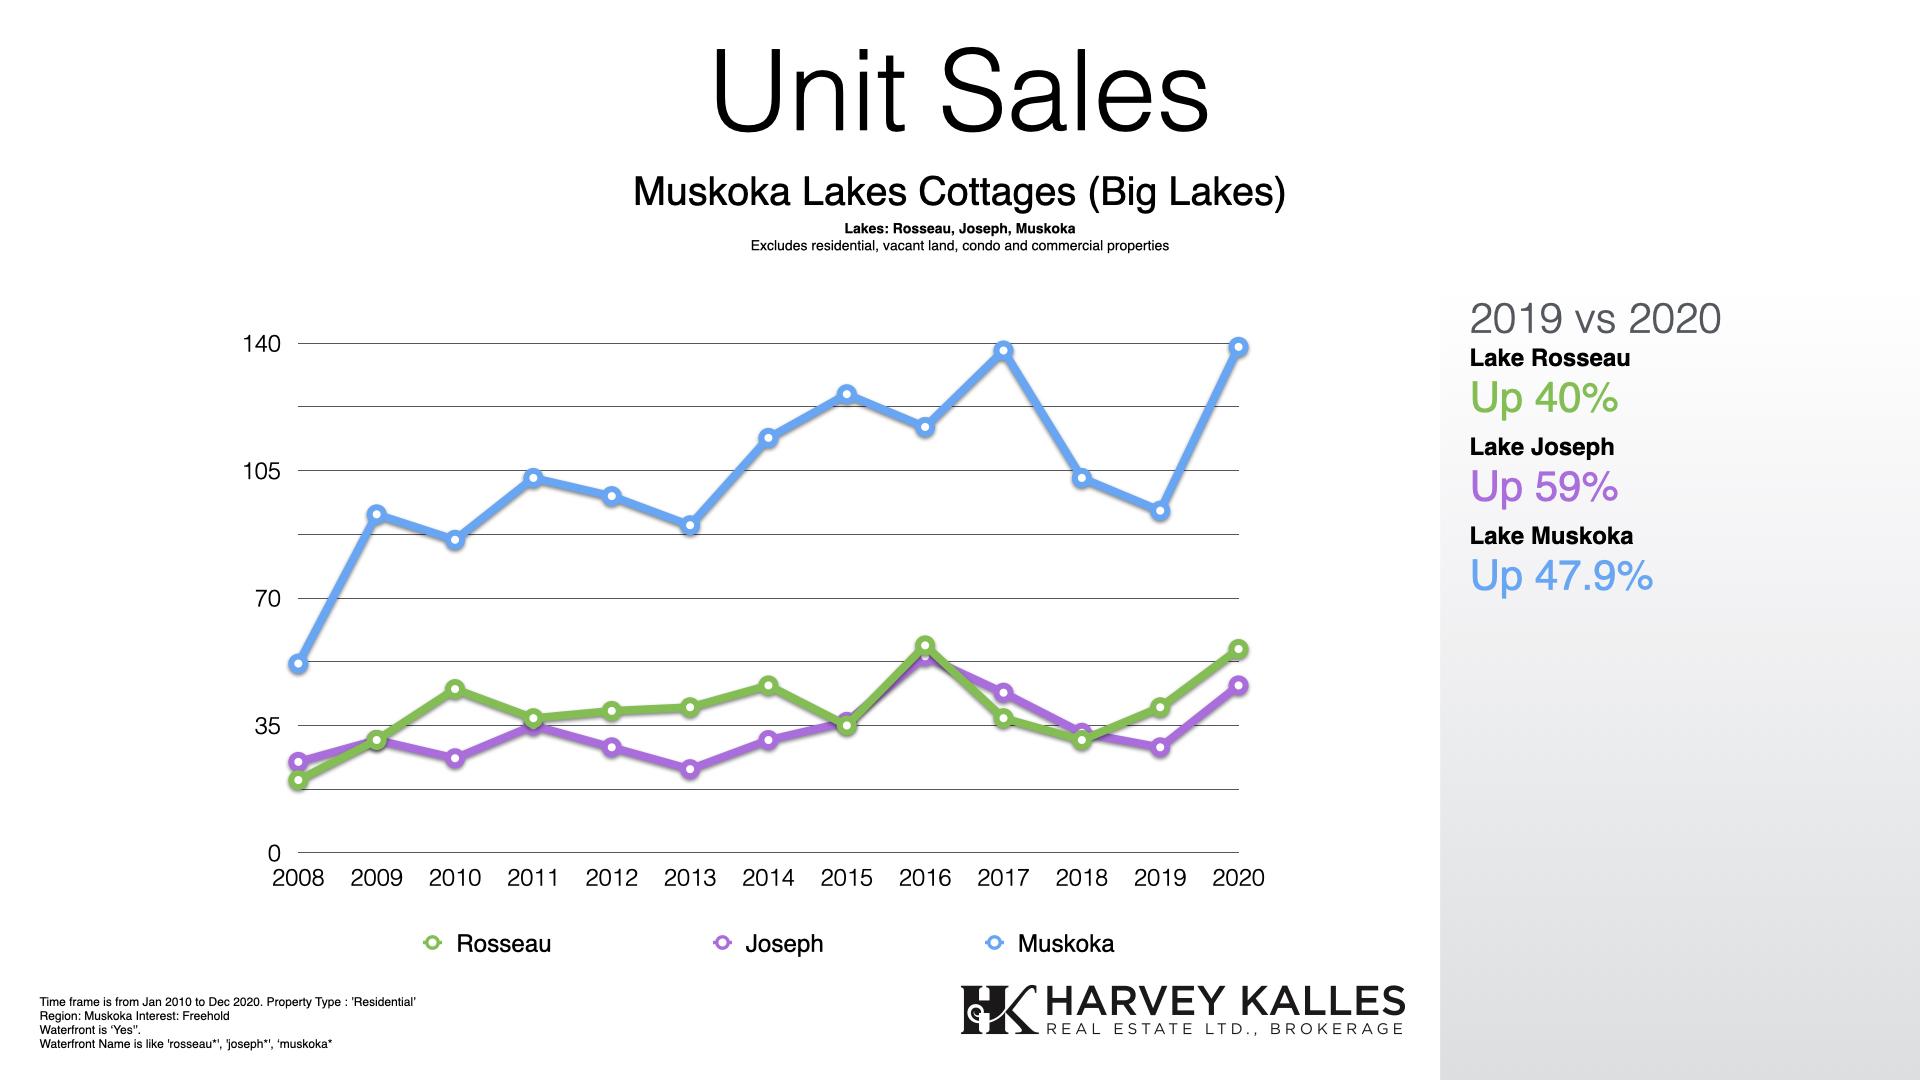 muskoka-big-lakes-cottage-real-estate-unit-sales-rosseau-joseph-muskoka